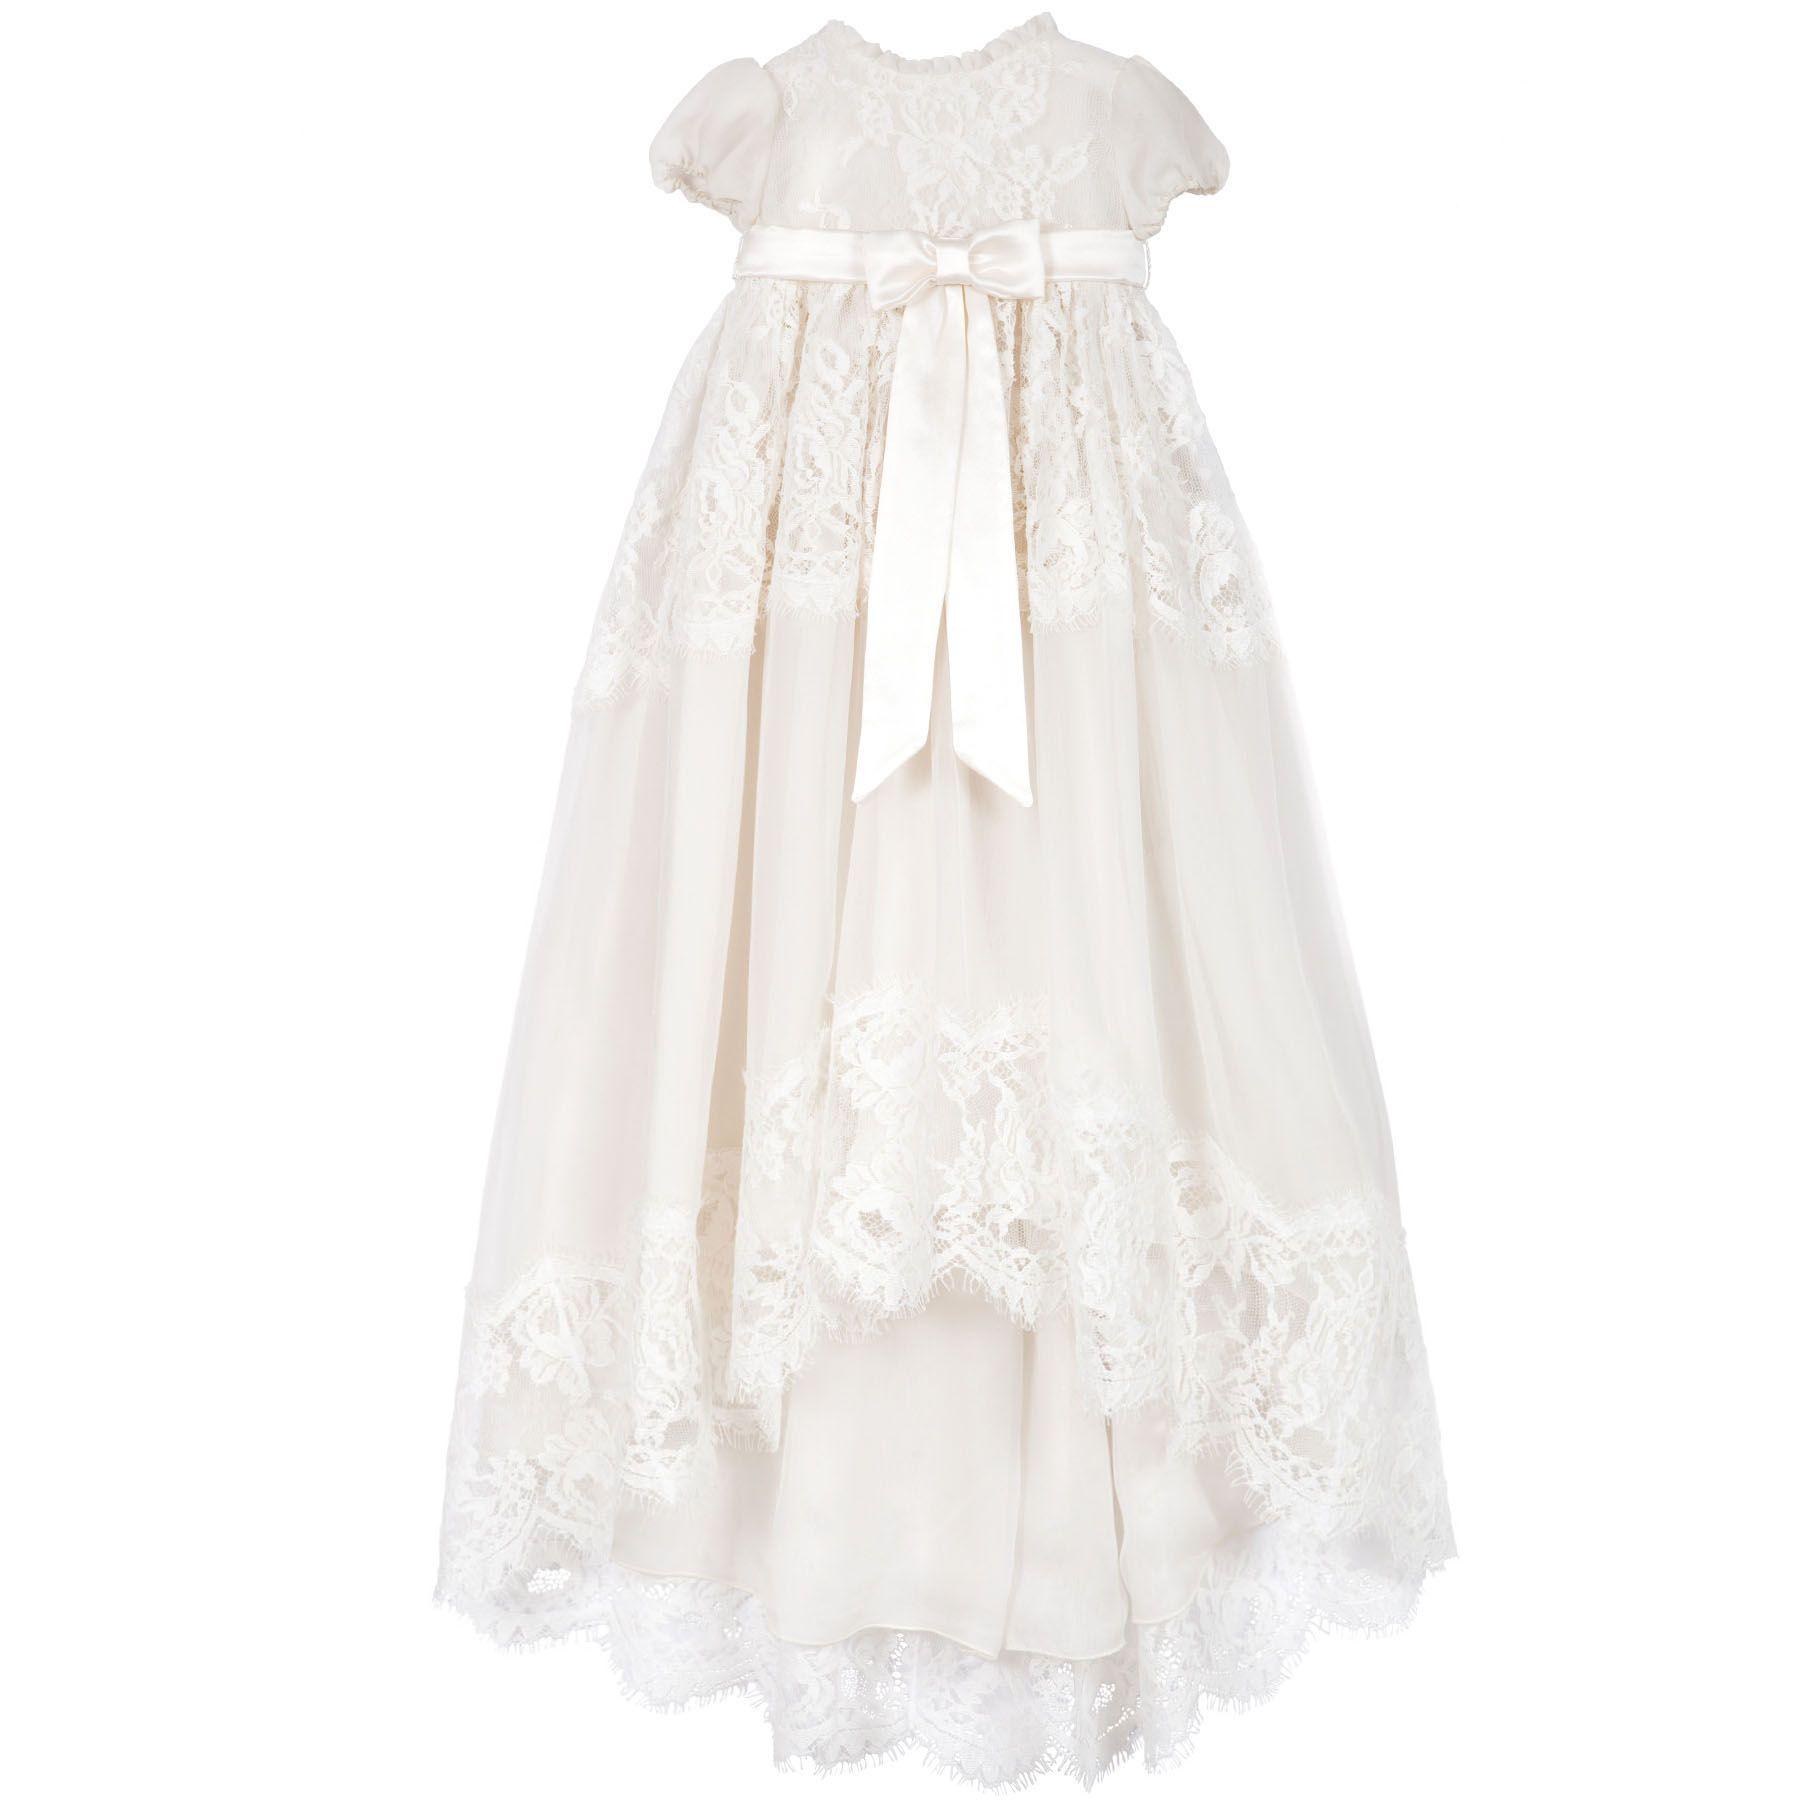 a052da1de Baby Girl Baptism Dress Target - raveitsafe